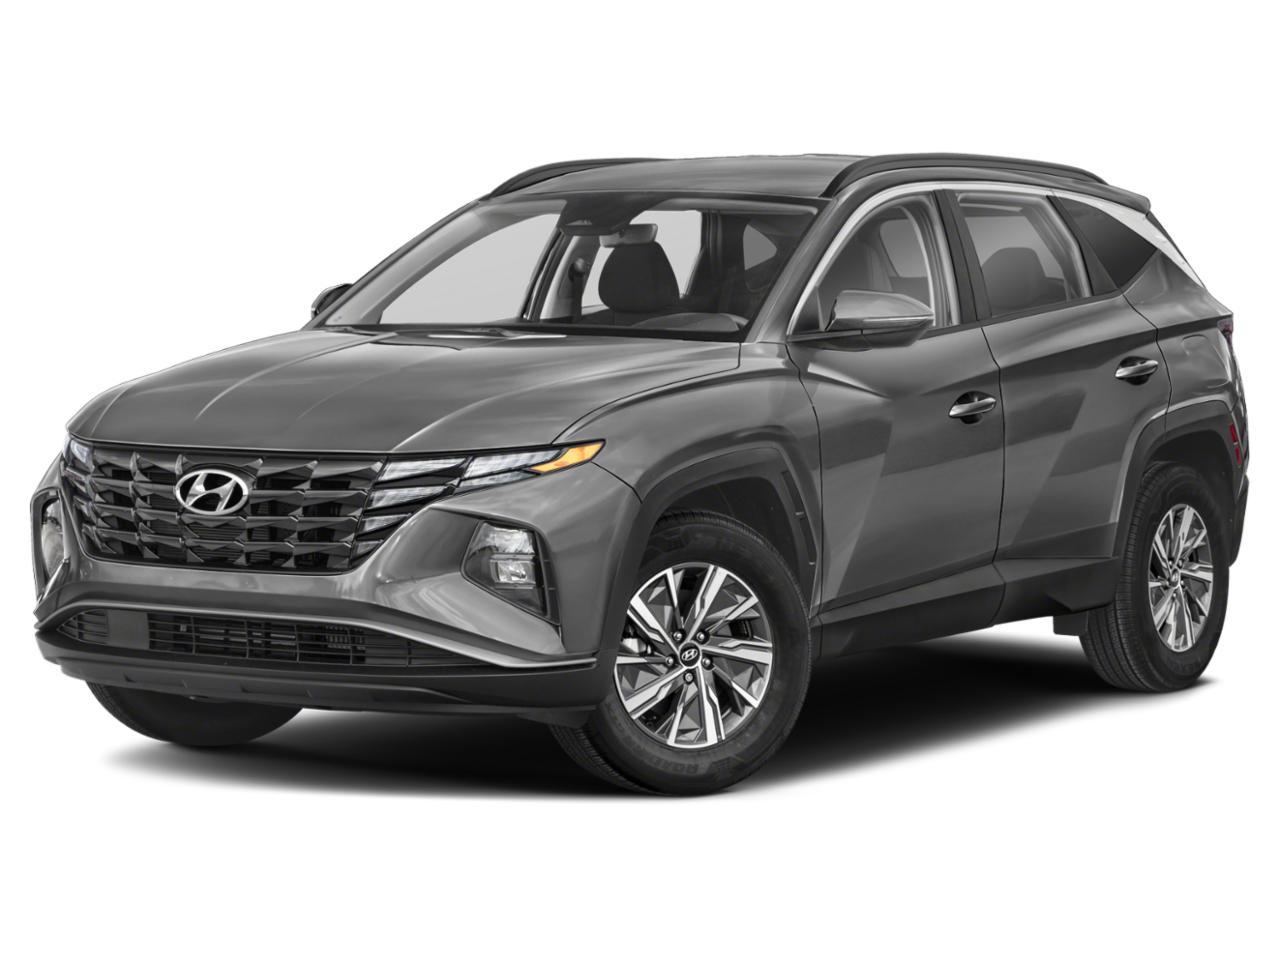 2022 Hyundai Tucson Hybrid Vehicle Photo in O'Fallon, IL 62269